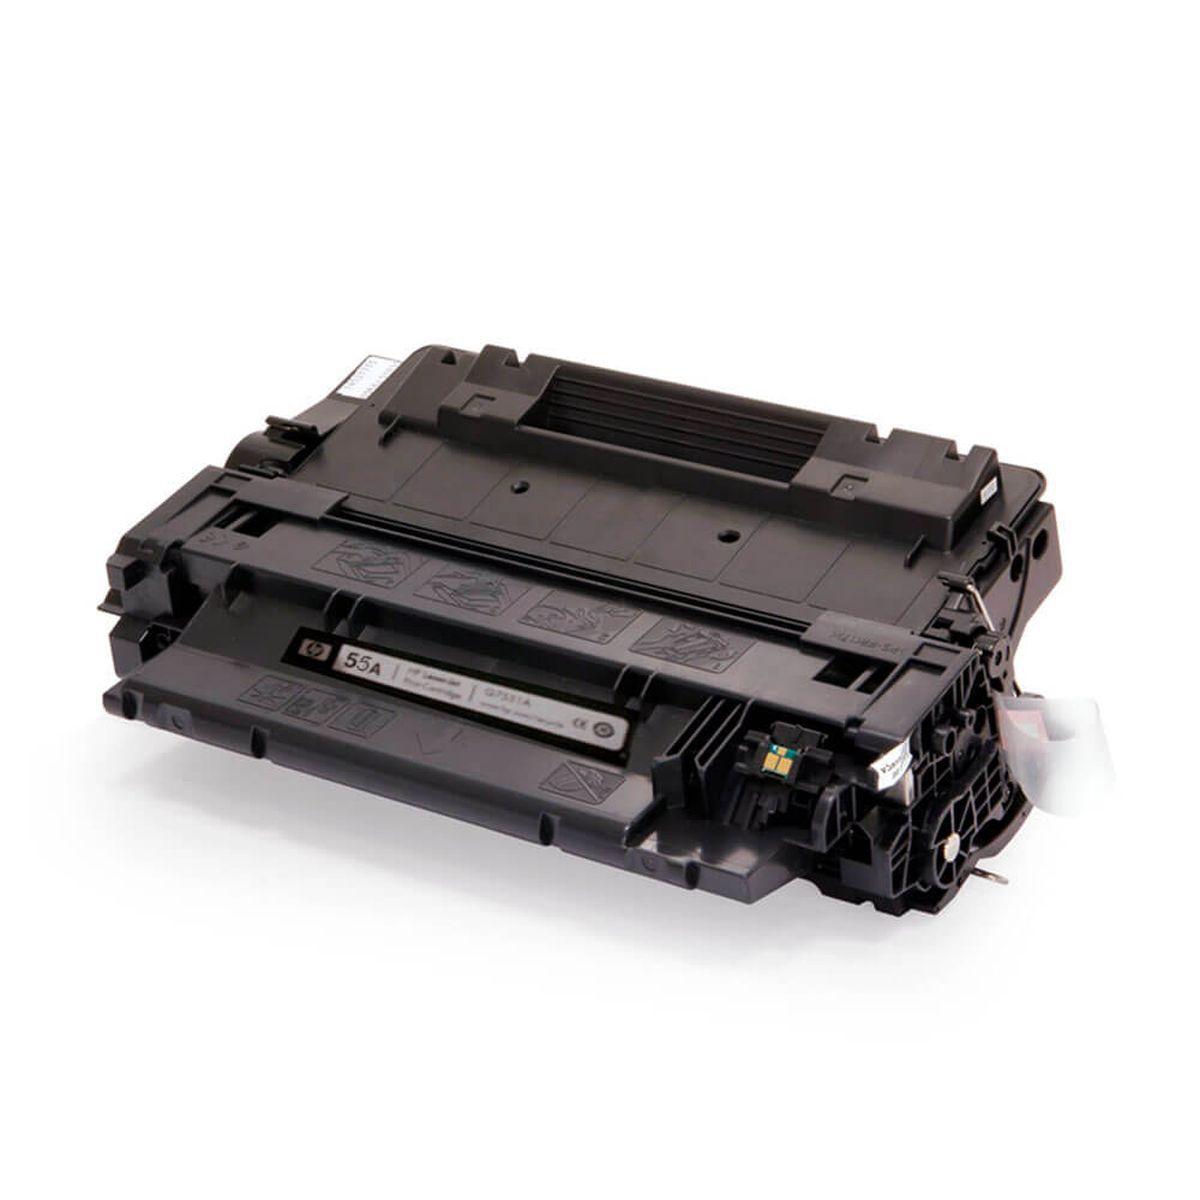 TONER COMPATÍVEL COM HP CE255A CE255AB P3015N P3015DN P3016 ENTERPRISE 500 M525F 6.000 Páginas - Cartucho & Cia